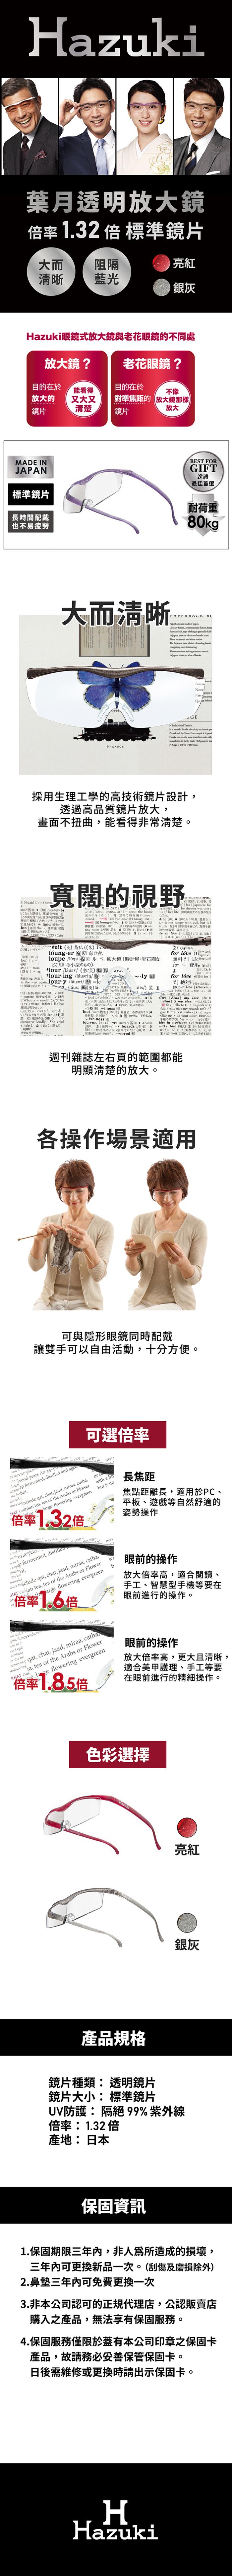 (複製)Hazuki|日本Hazuki葉月透明眼鏡式放大鏡1.85倍大鏡片(亮紫)